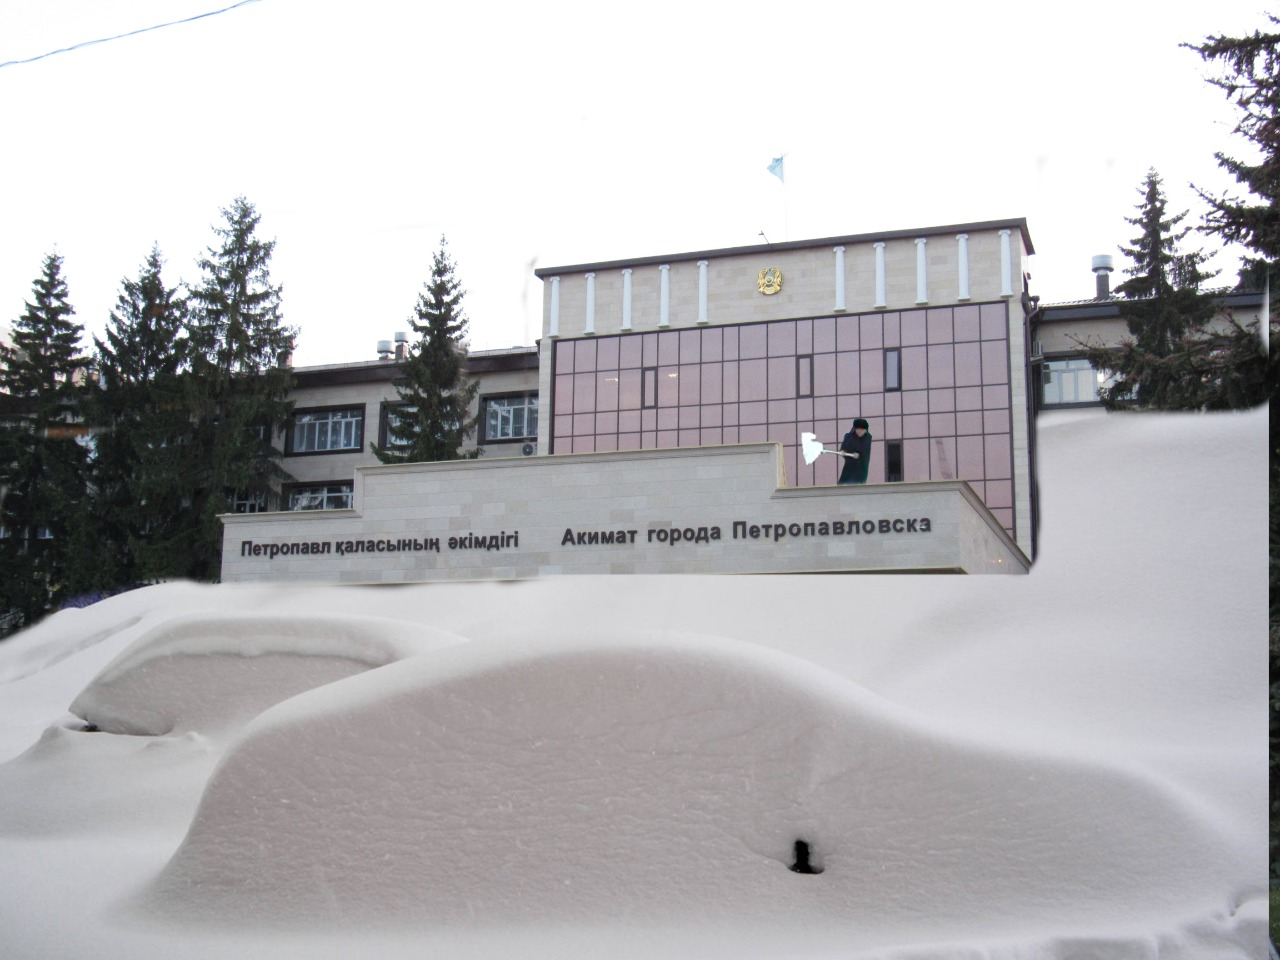 Снежные кубометры акима Петропавловска